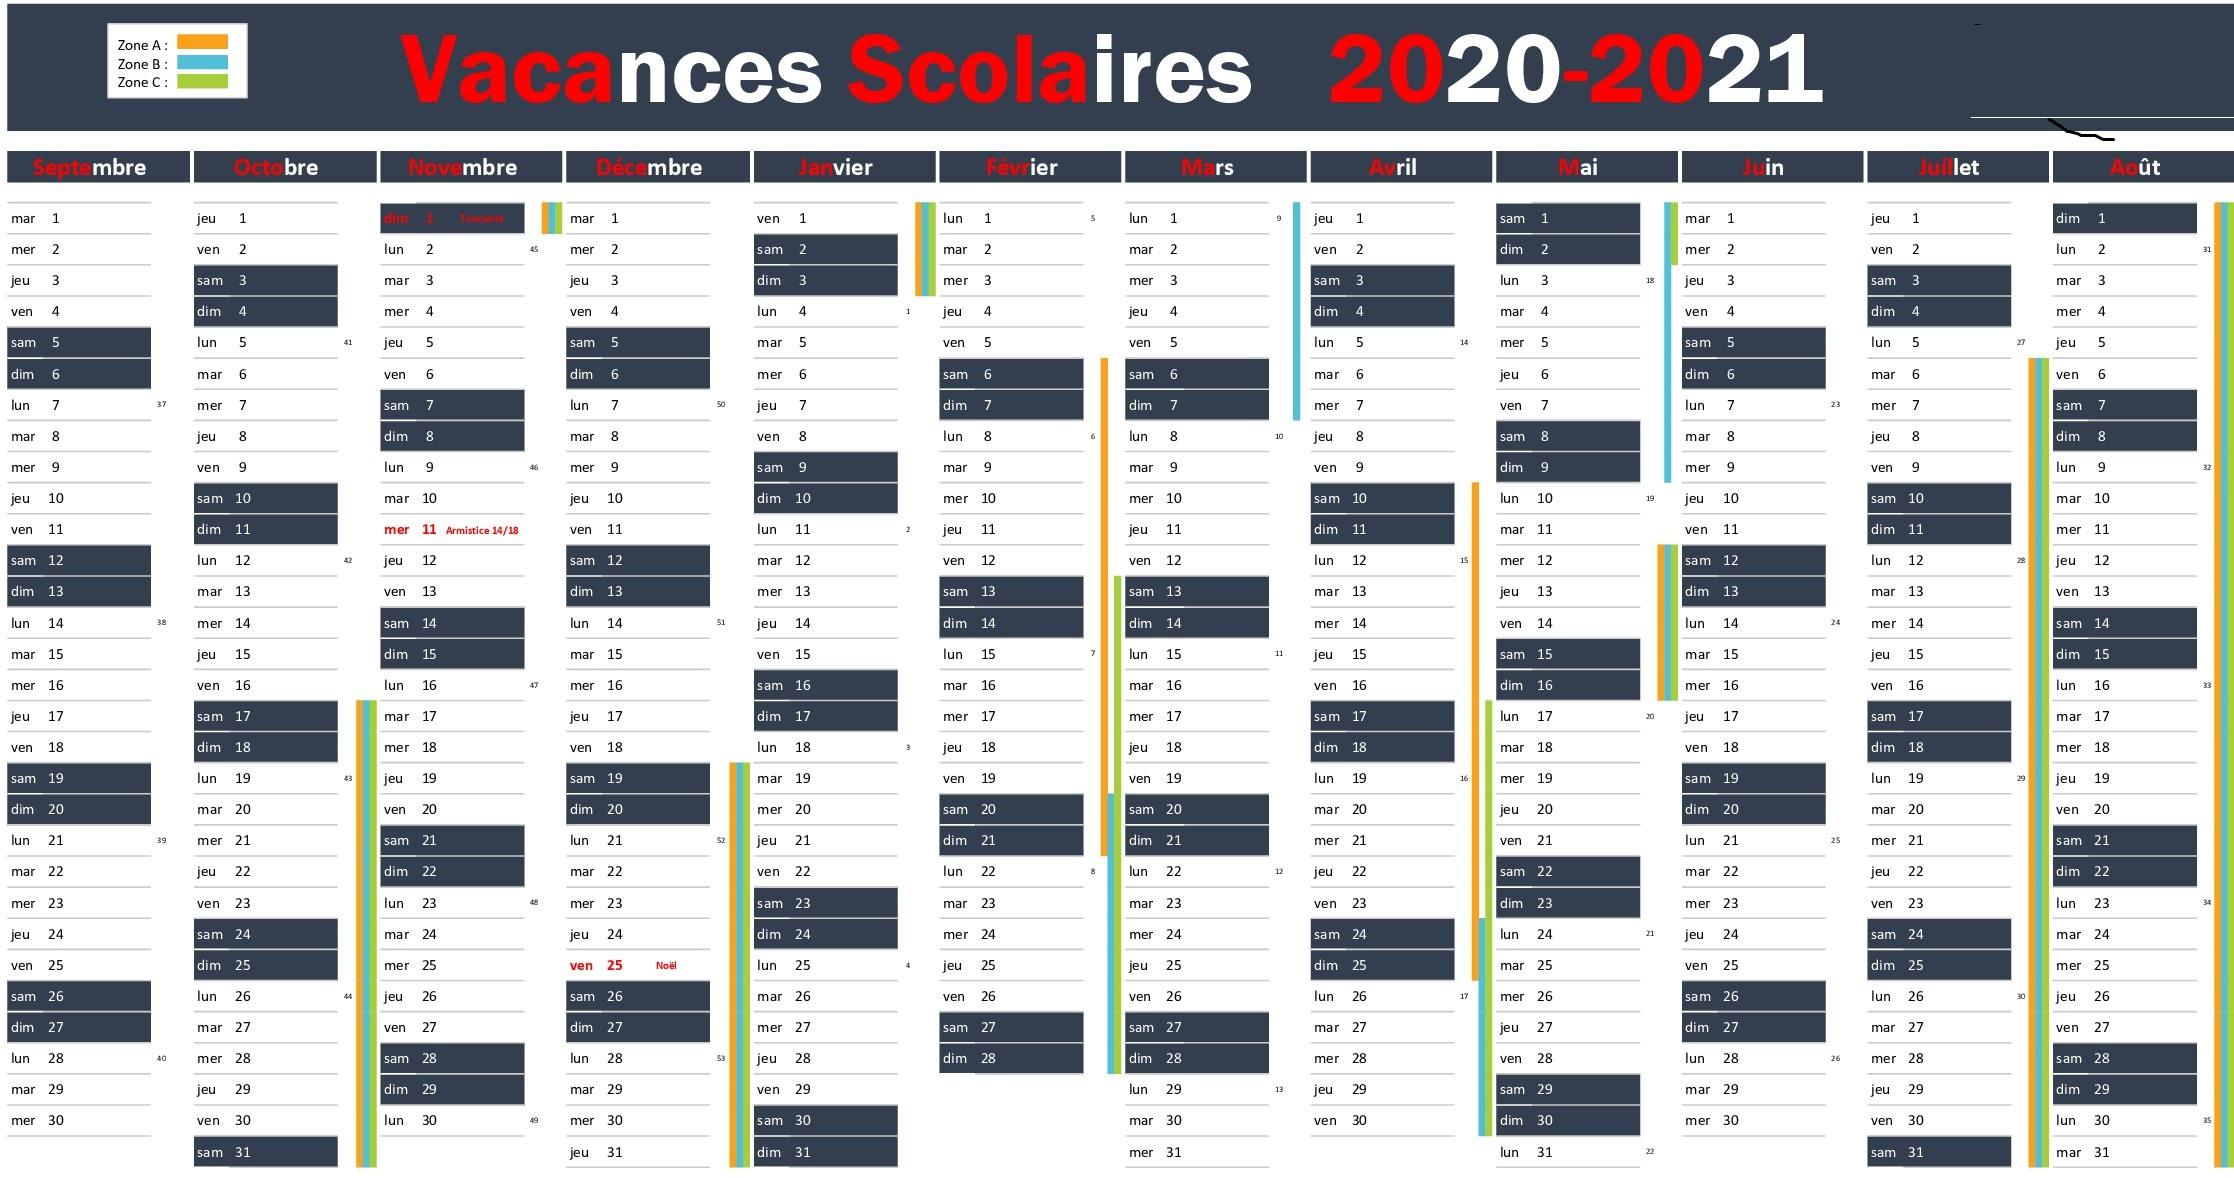 Calendrier Vacances Scolaires 2020 Academie De Amiens